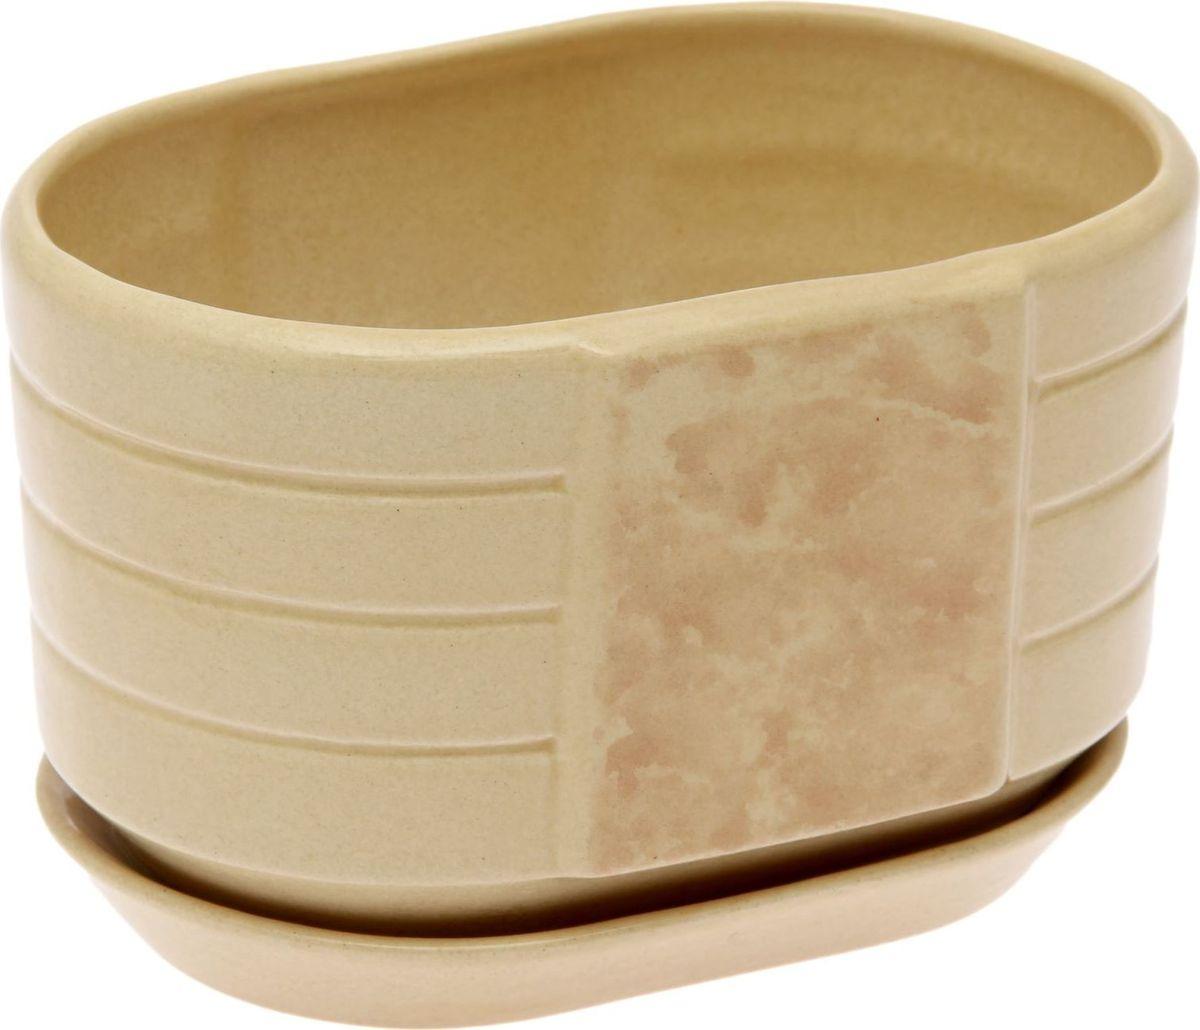 Кашпо Овал, цвет: бежевый, 1,1 л1241313Комнатные растения — всеобщие любимцы. Они радуют глаз, насыщают помещение кислородом и украшают пространство. Каждому из них необходим свой удобный и красивый дом. Кашпо из керамики прекрасно подходят для высадки растений: за счёт пластичности глины и разных способов обработки существует великое множество форм и дизайновпористый материал позволяет испаряться лишней влагевоздух, необходимый для дыхания корней, проникает сквозь керамические стенки! #name# позаботится о зелёном питомце, освежит интерьер и подчеркнёт его стиль.